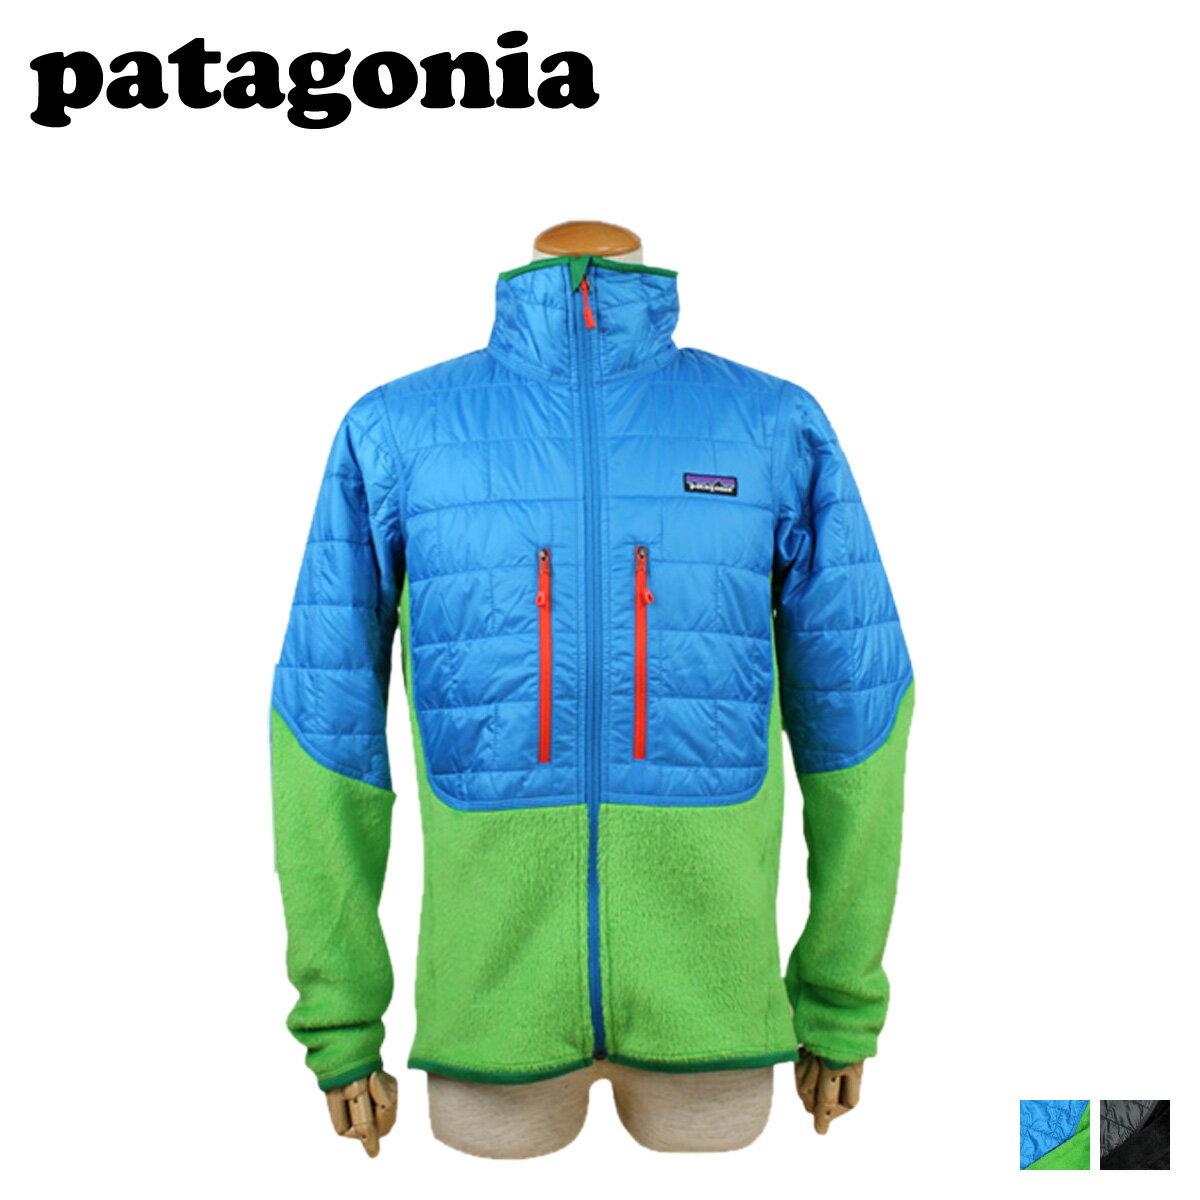 ポイント10倍 送料無料 パタゴニア patagonia ナノ パフ ジャケット [ ブルー ブラック ] 83320 Patagonia Men's Nano Puff Hybrid Jacket スリムフィット ポリエステル メンズ [ 正規 あす楽 ]【P10-1】【RSS】 02P01Mar15